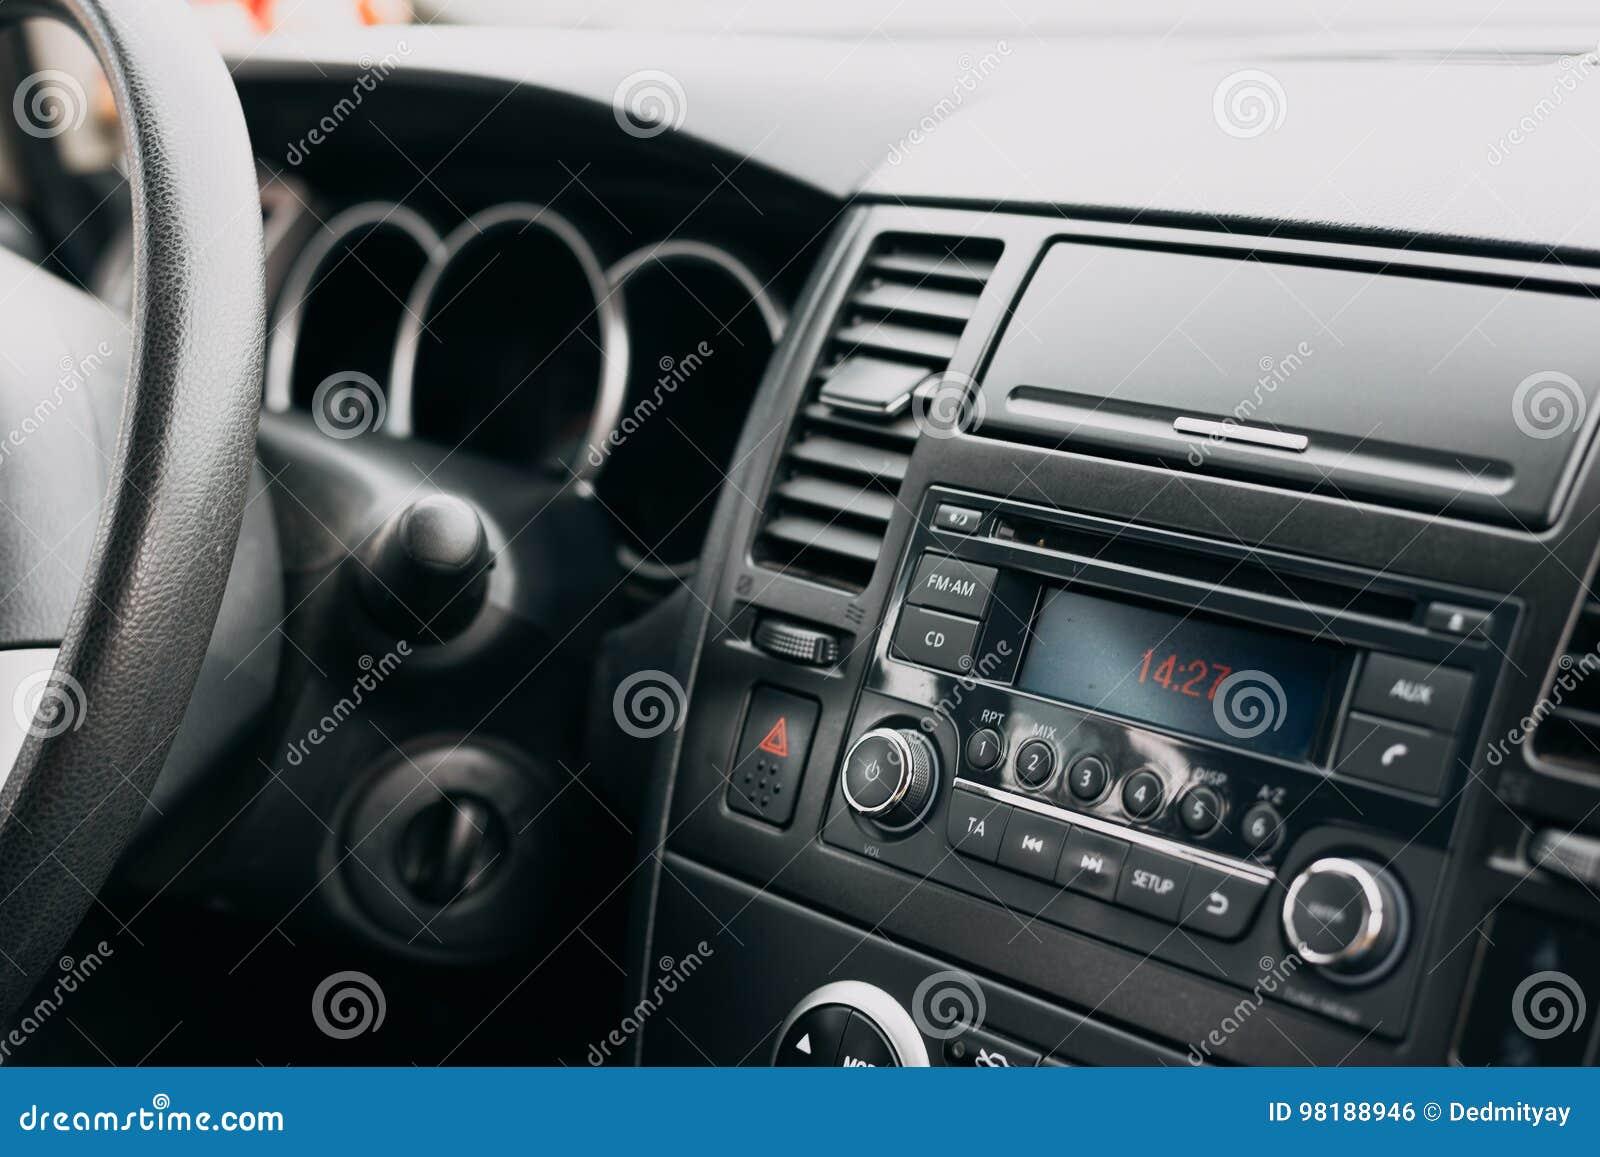 Εσωτερικό αυτοκινήτων, πίνακας ελέγχου, ταμπλό, ραδιο σύστημα